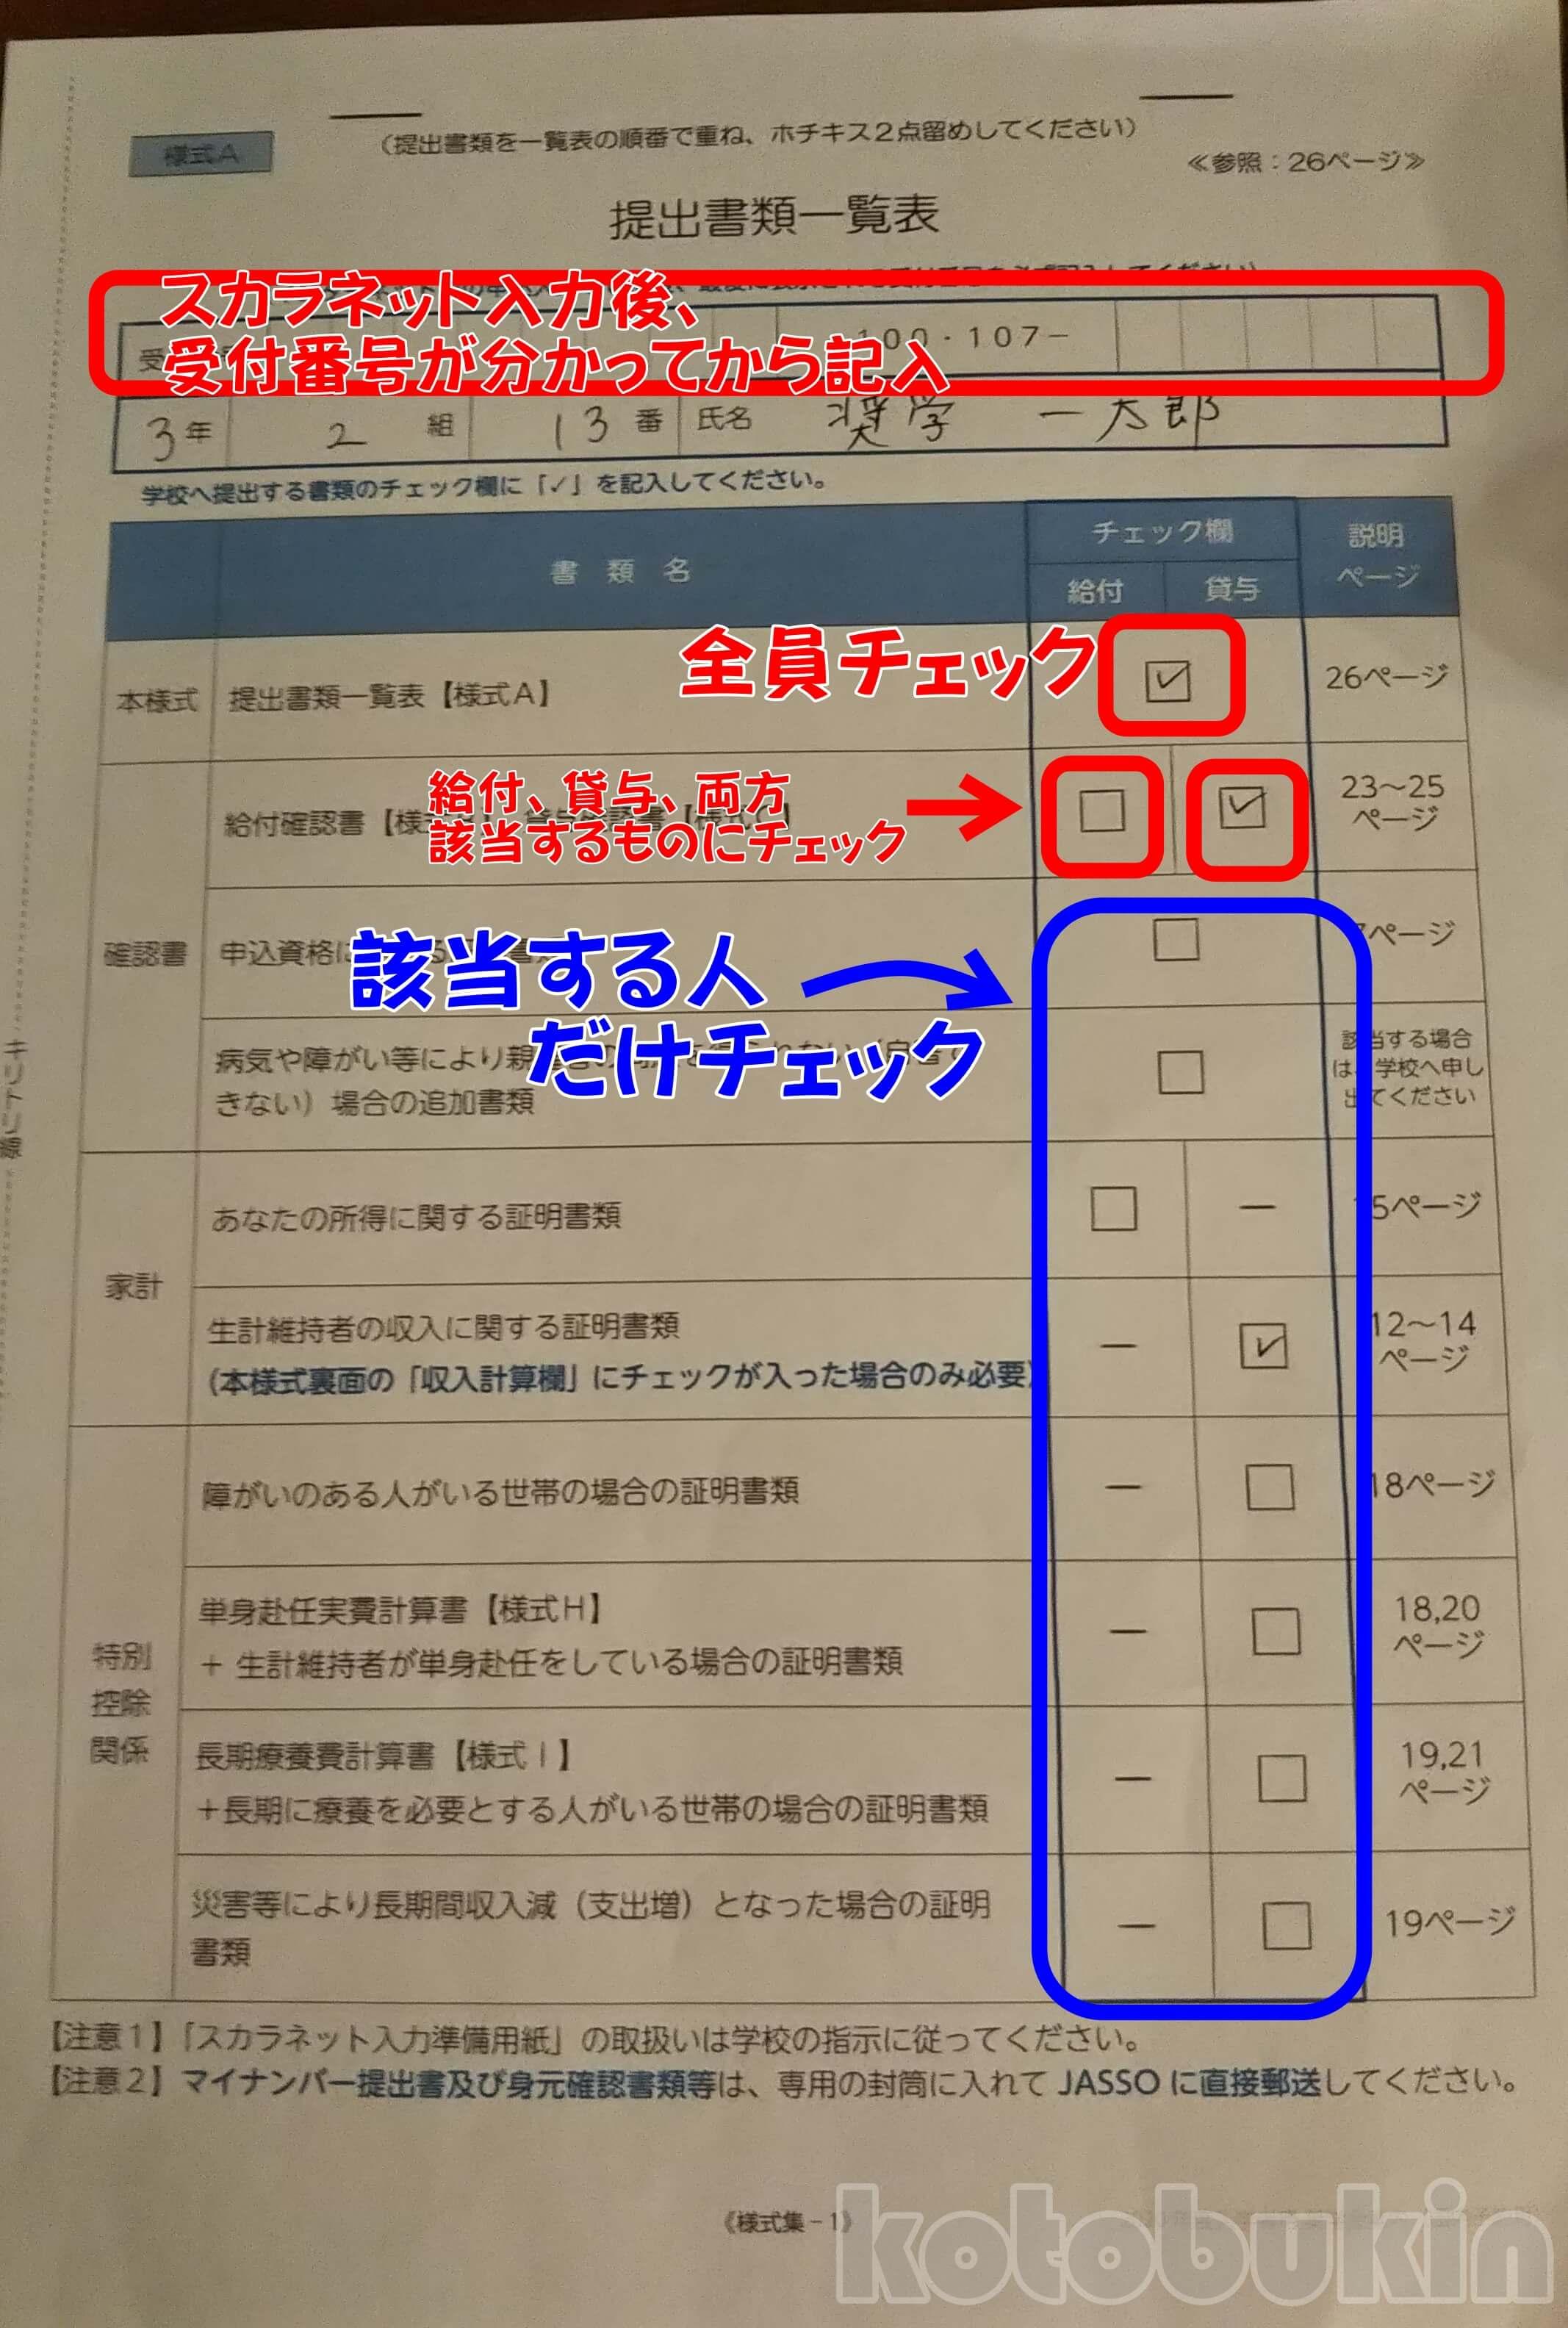 兼 書 同意 確認 書 奨学 金 愛媛県庁/愛媛県私立高等学校等奨学のための給付金について(私立用)